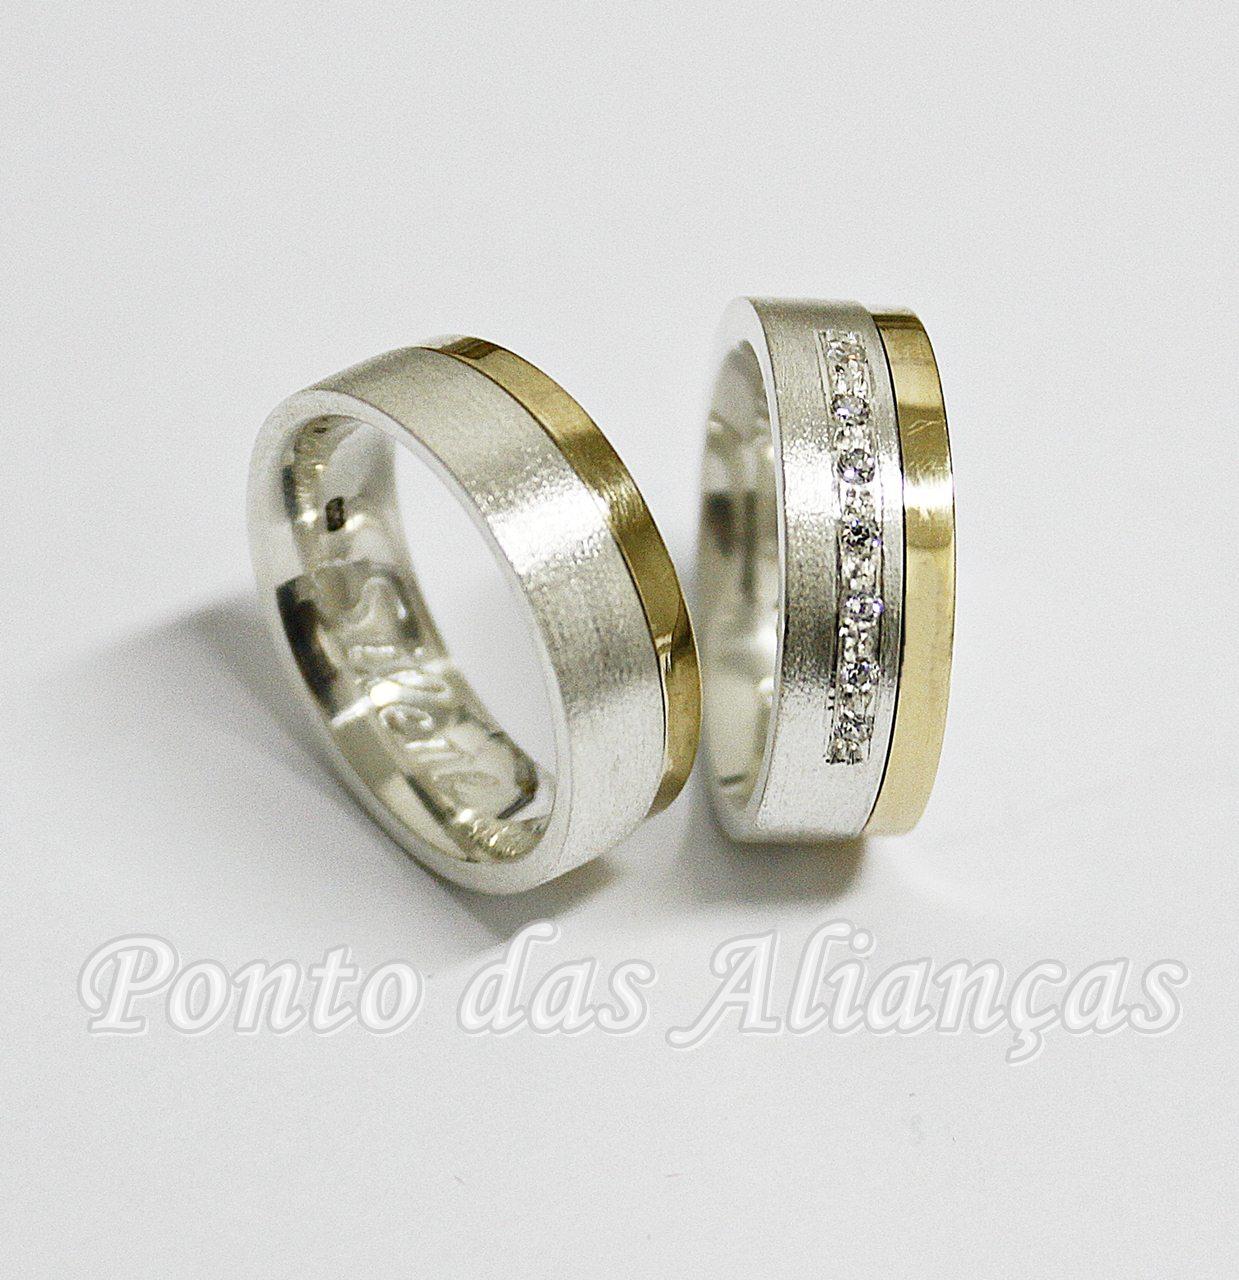 Alianças de Prata Compromisso - Noivado  - 3100